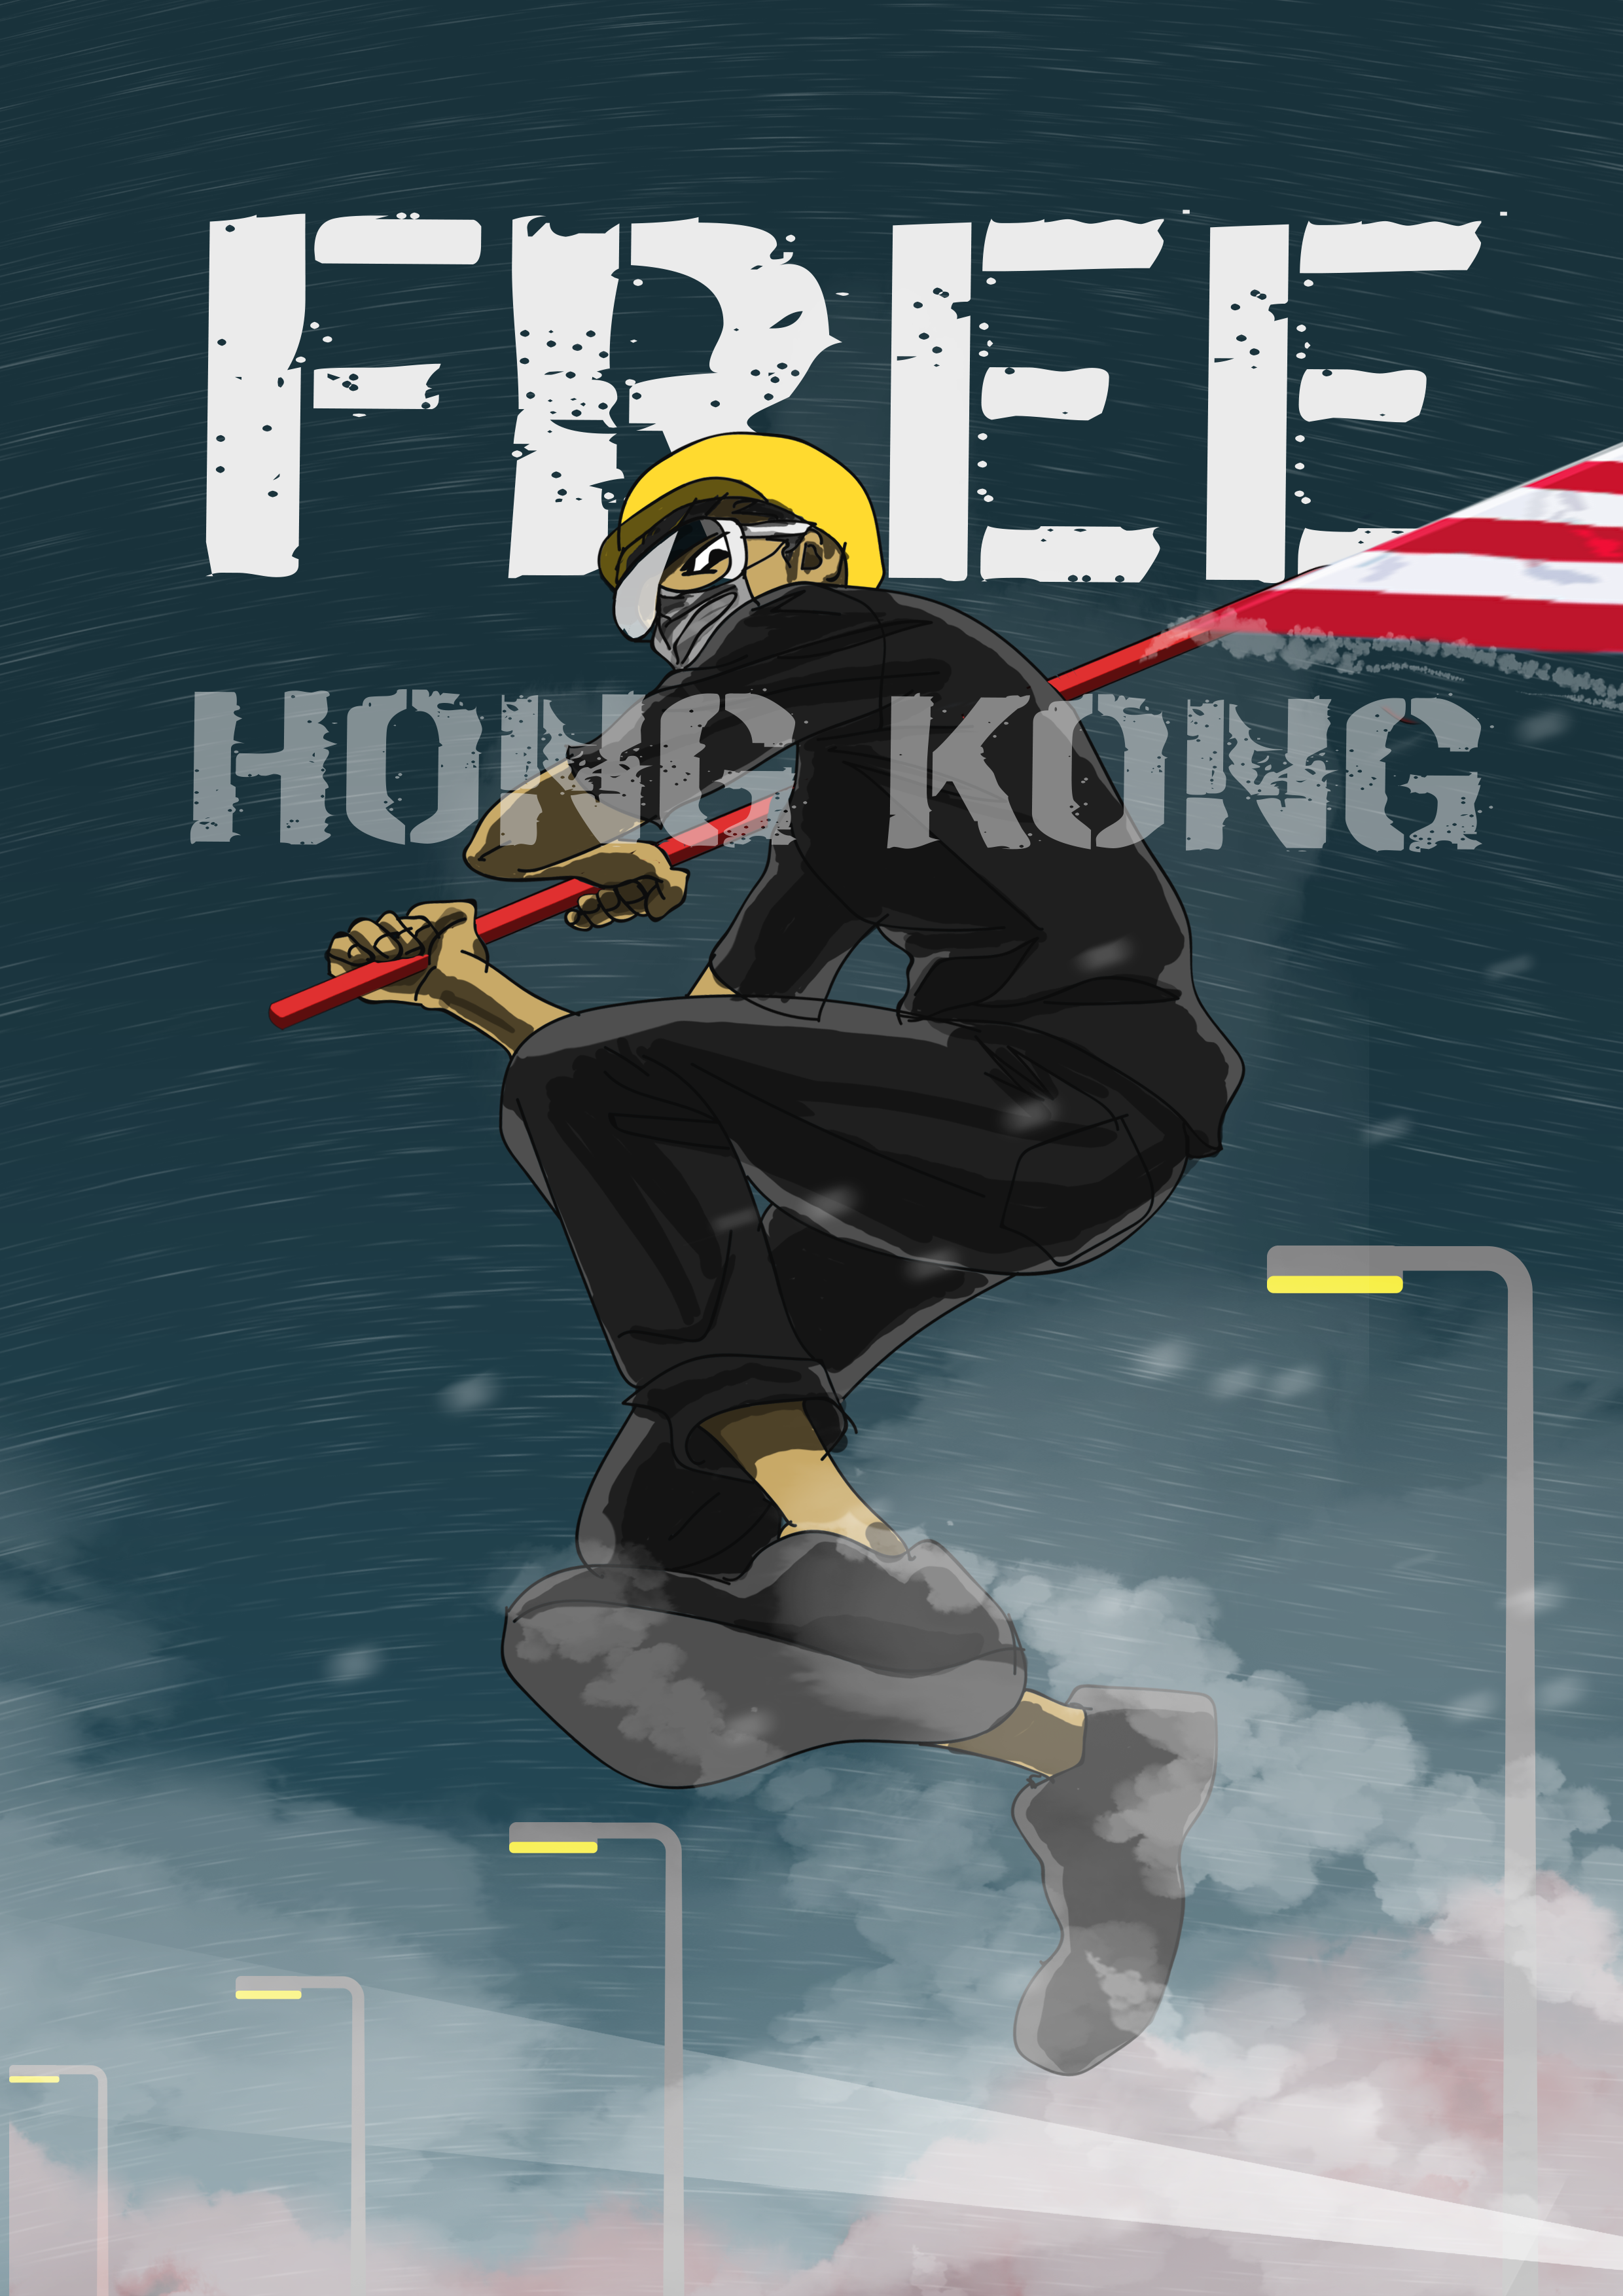 Hong Kong Protests 2019 Hong Kong Hong Kong Flag Protest Art